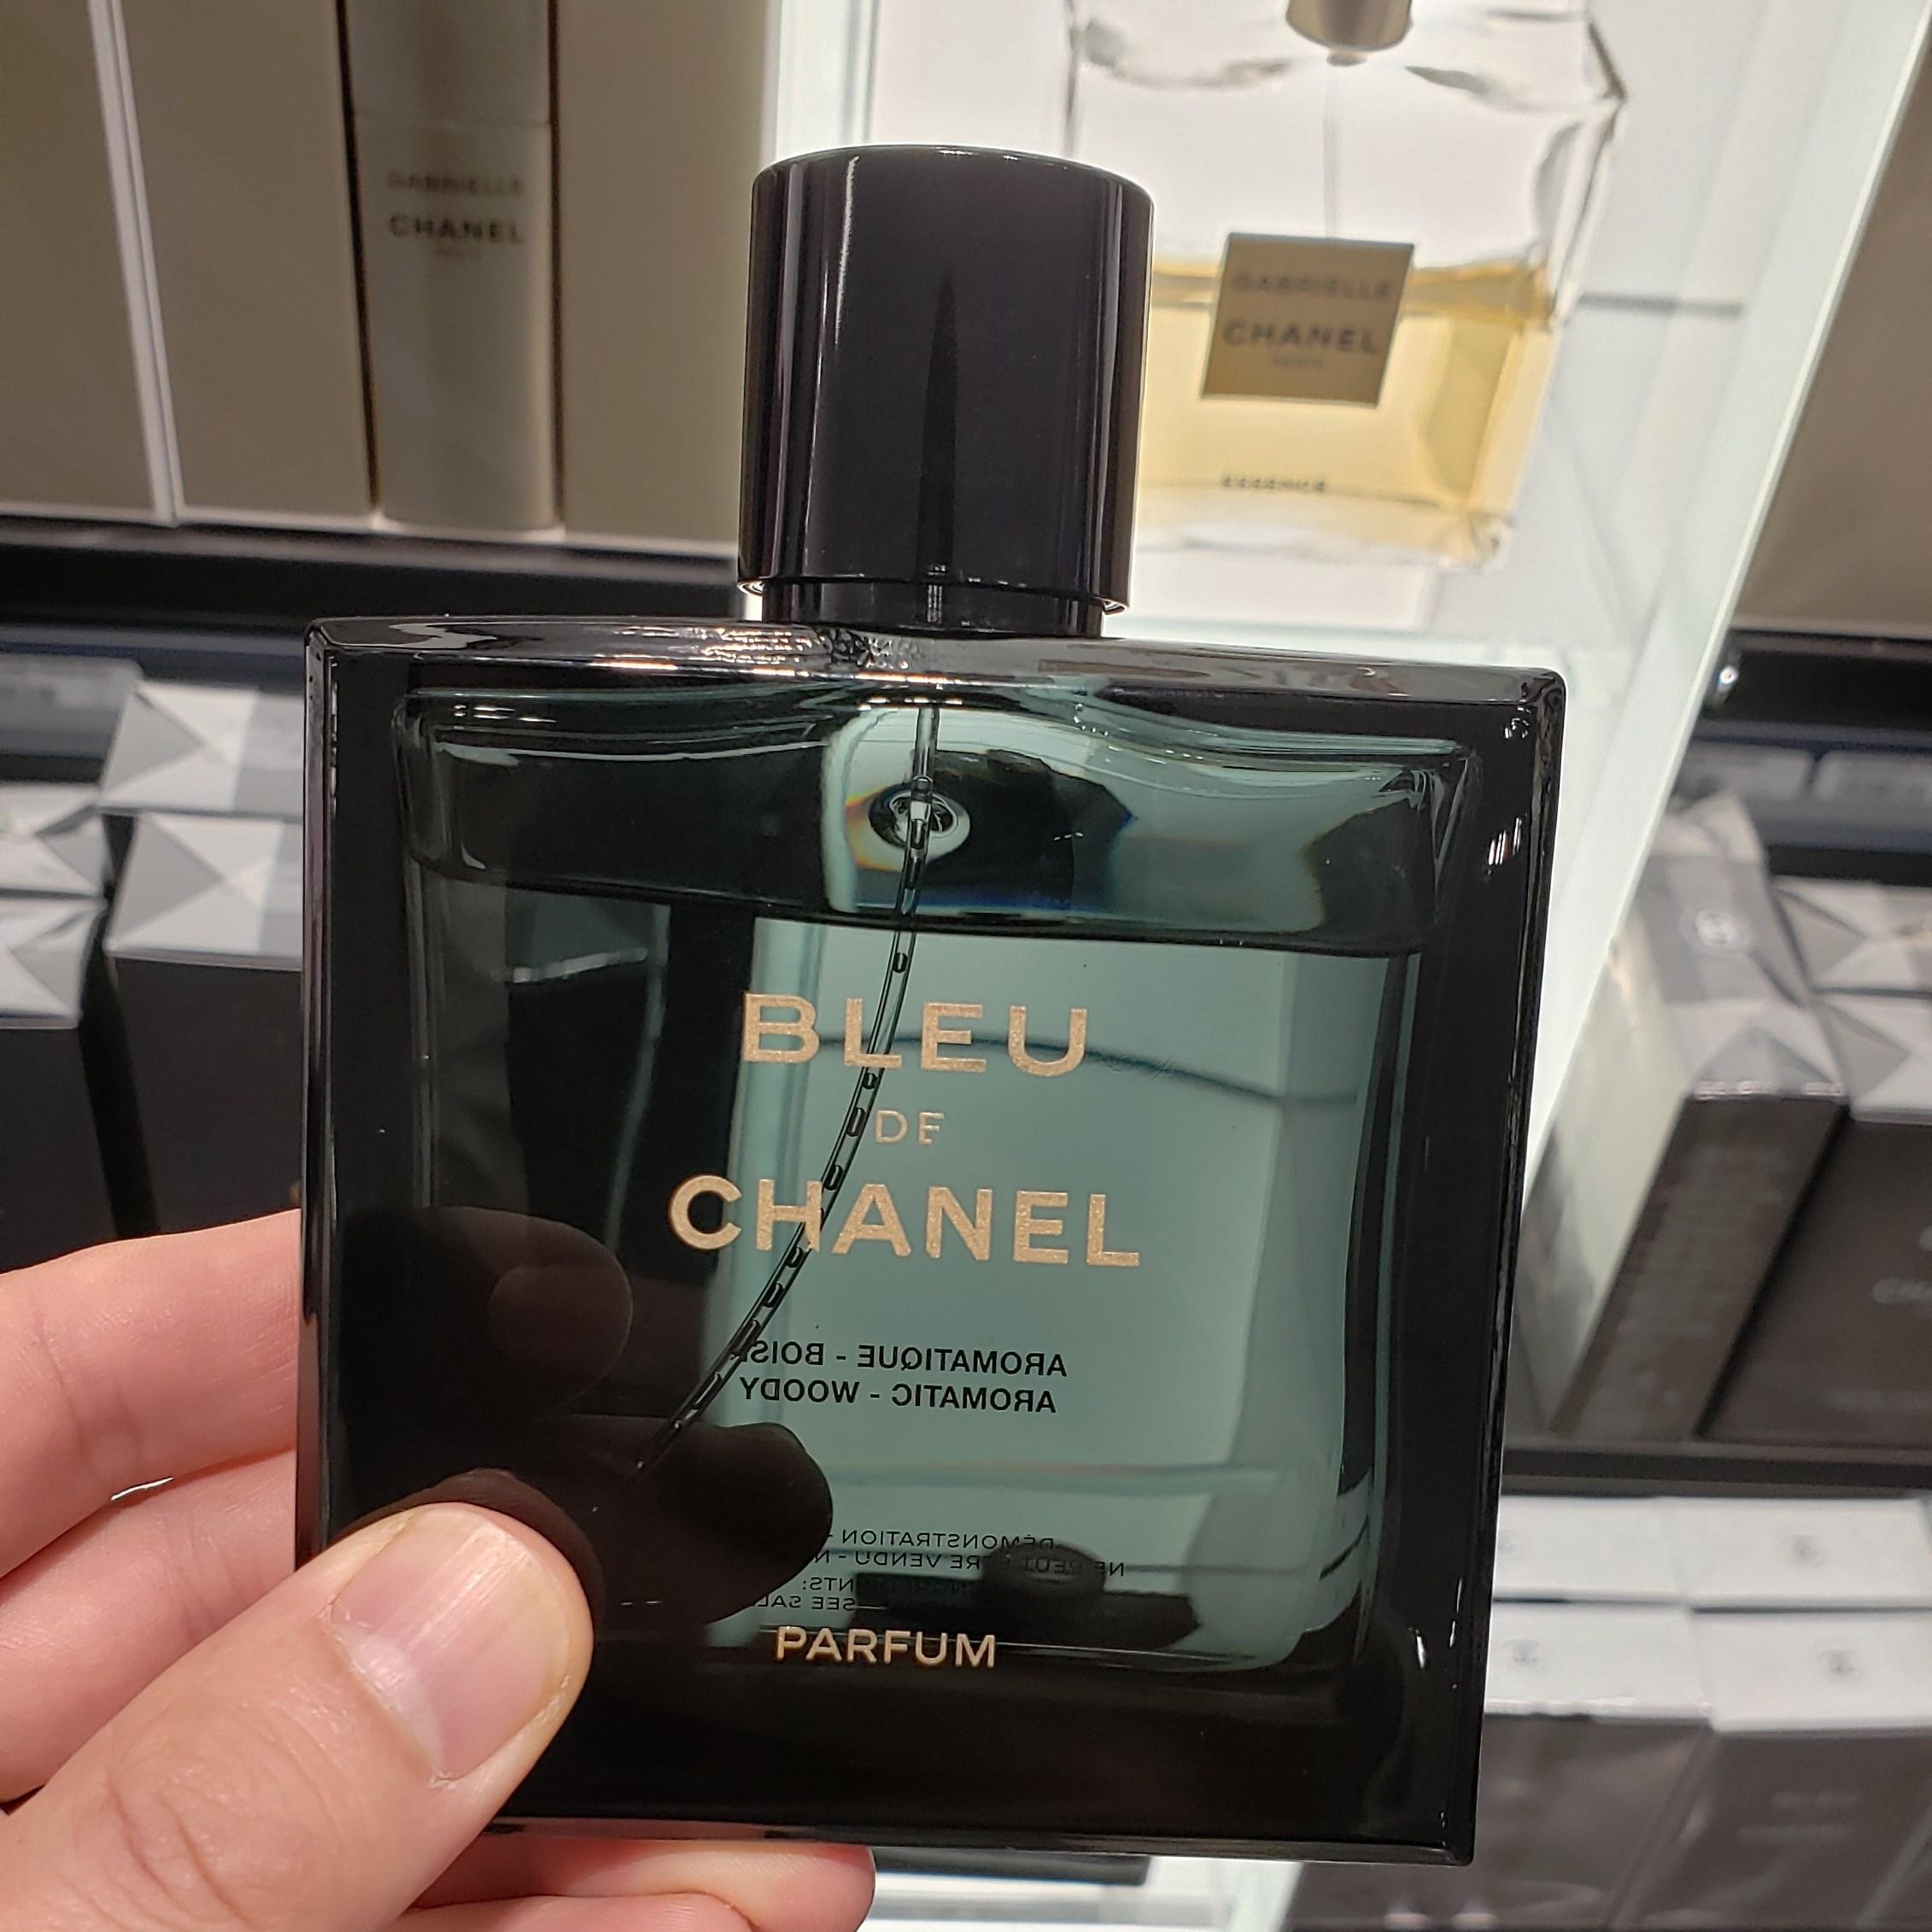 블루 드 샤넬 퍼퓸 150ml 관부가세포함 매장정품